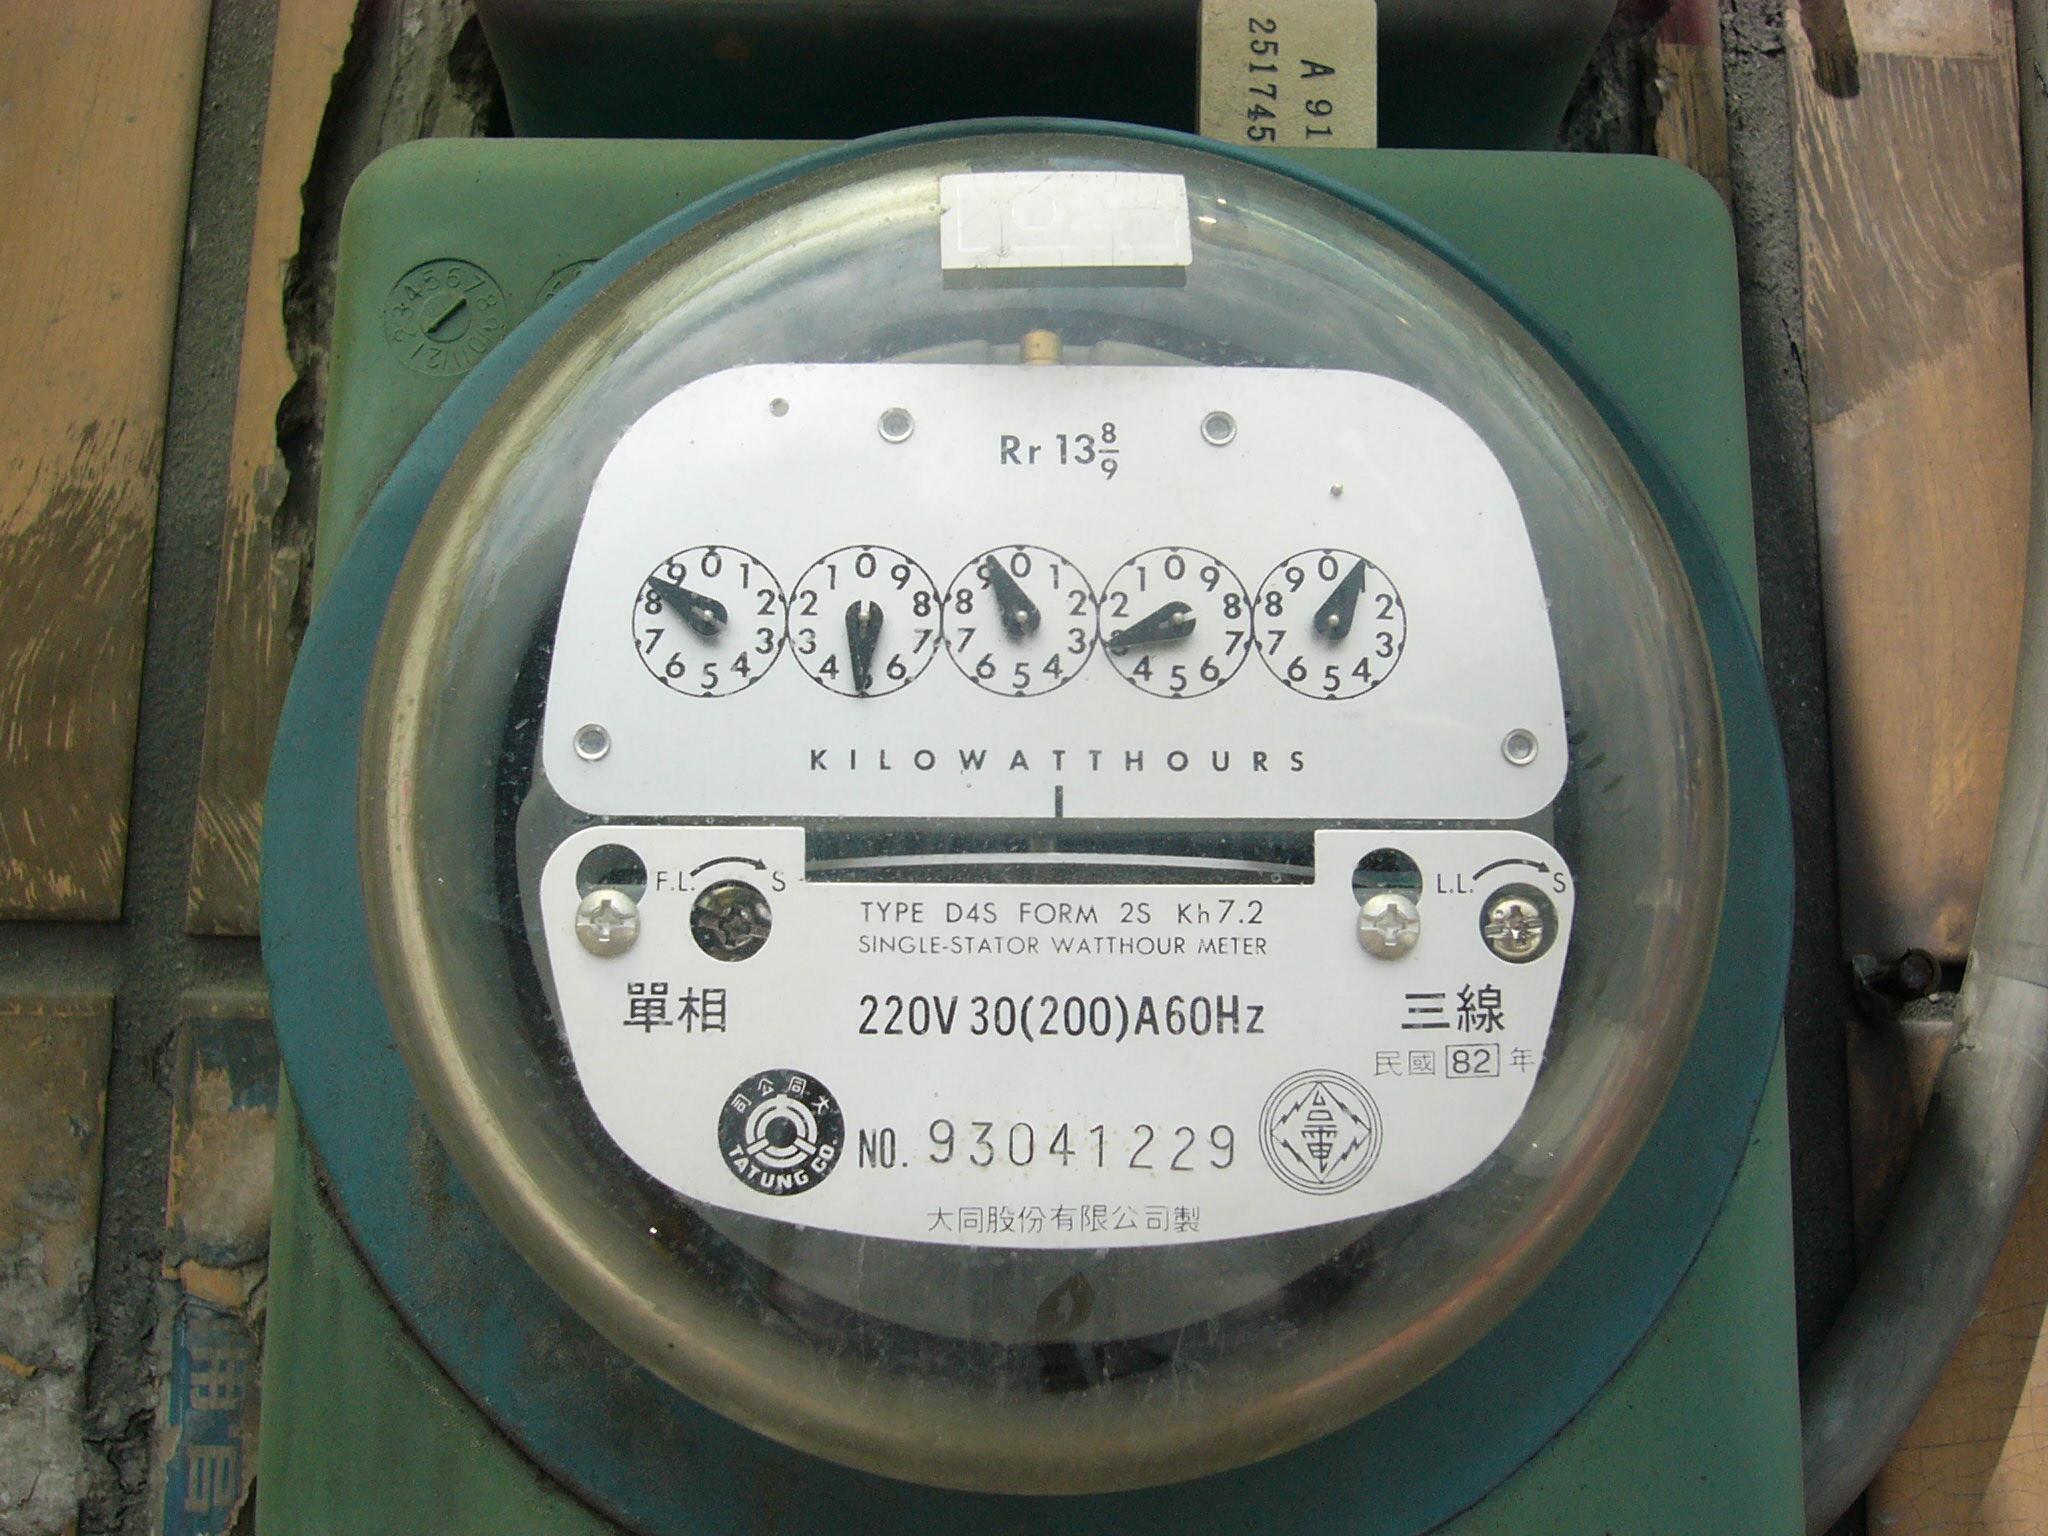 Watt Hour Meter : Watt hour meter imgkid the image kid has it